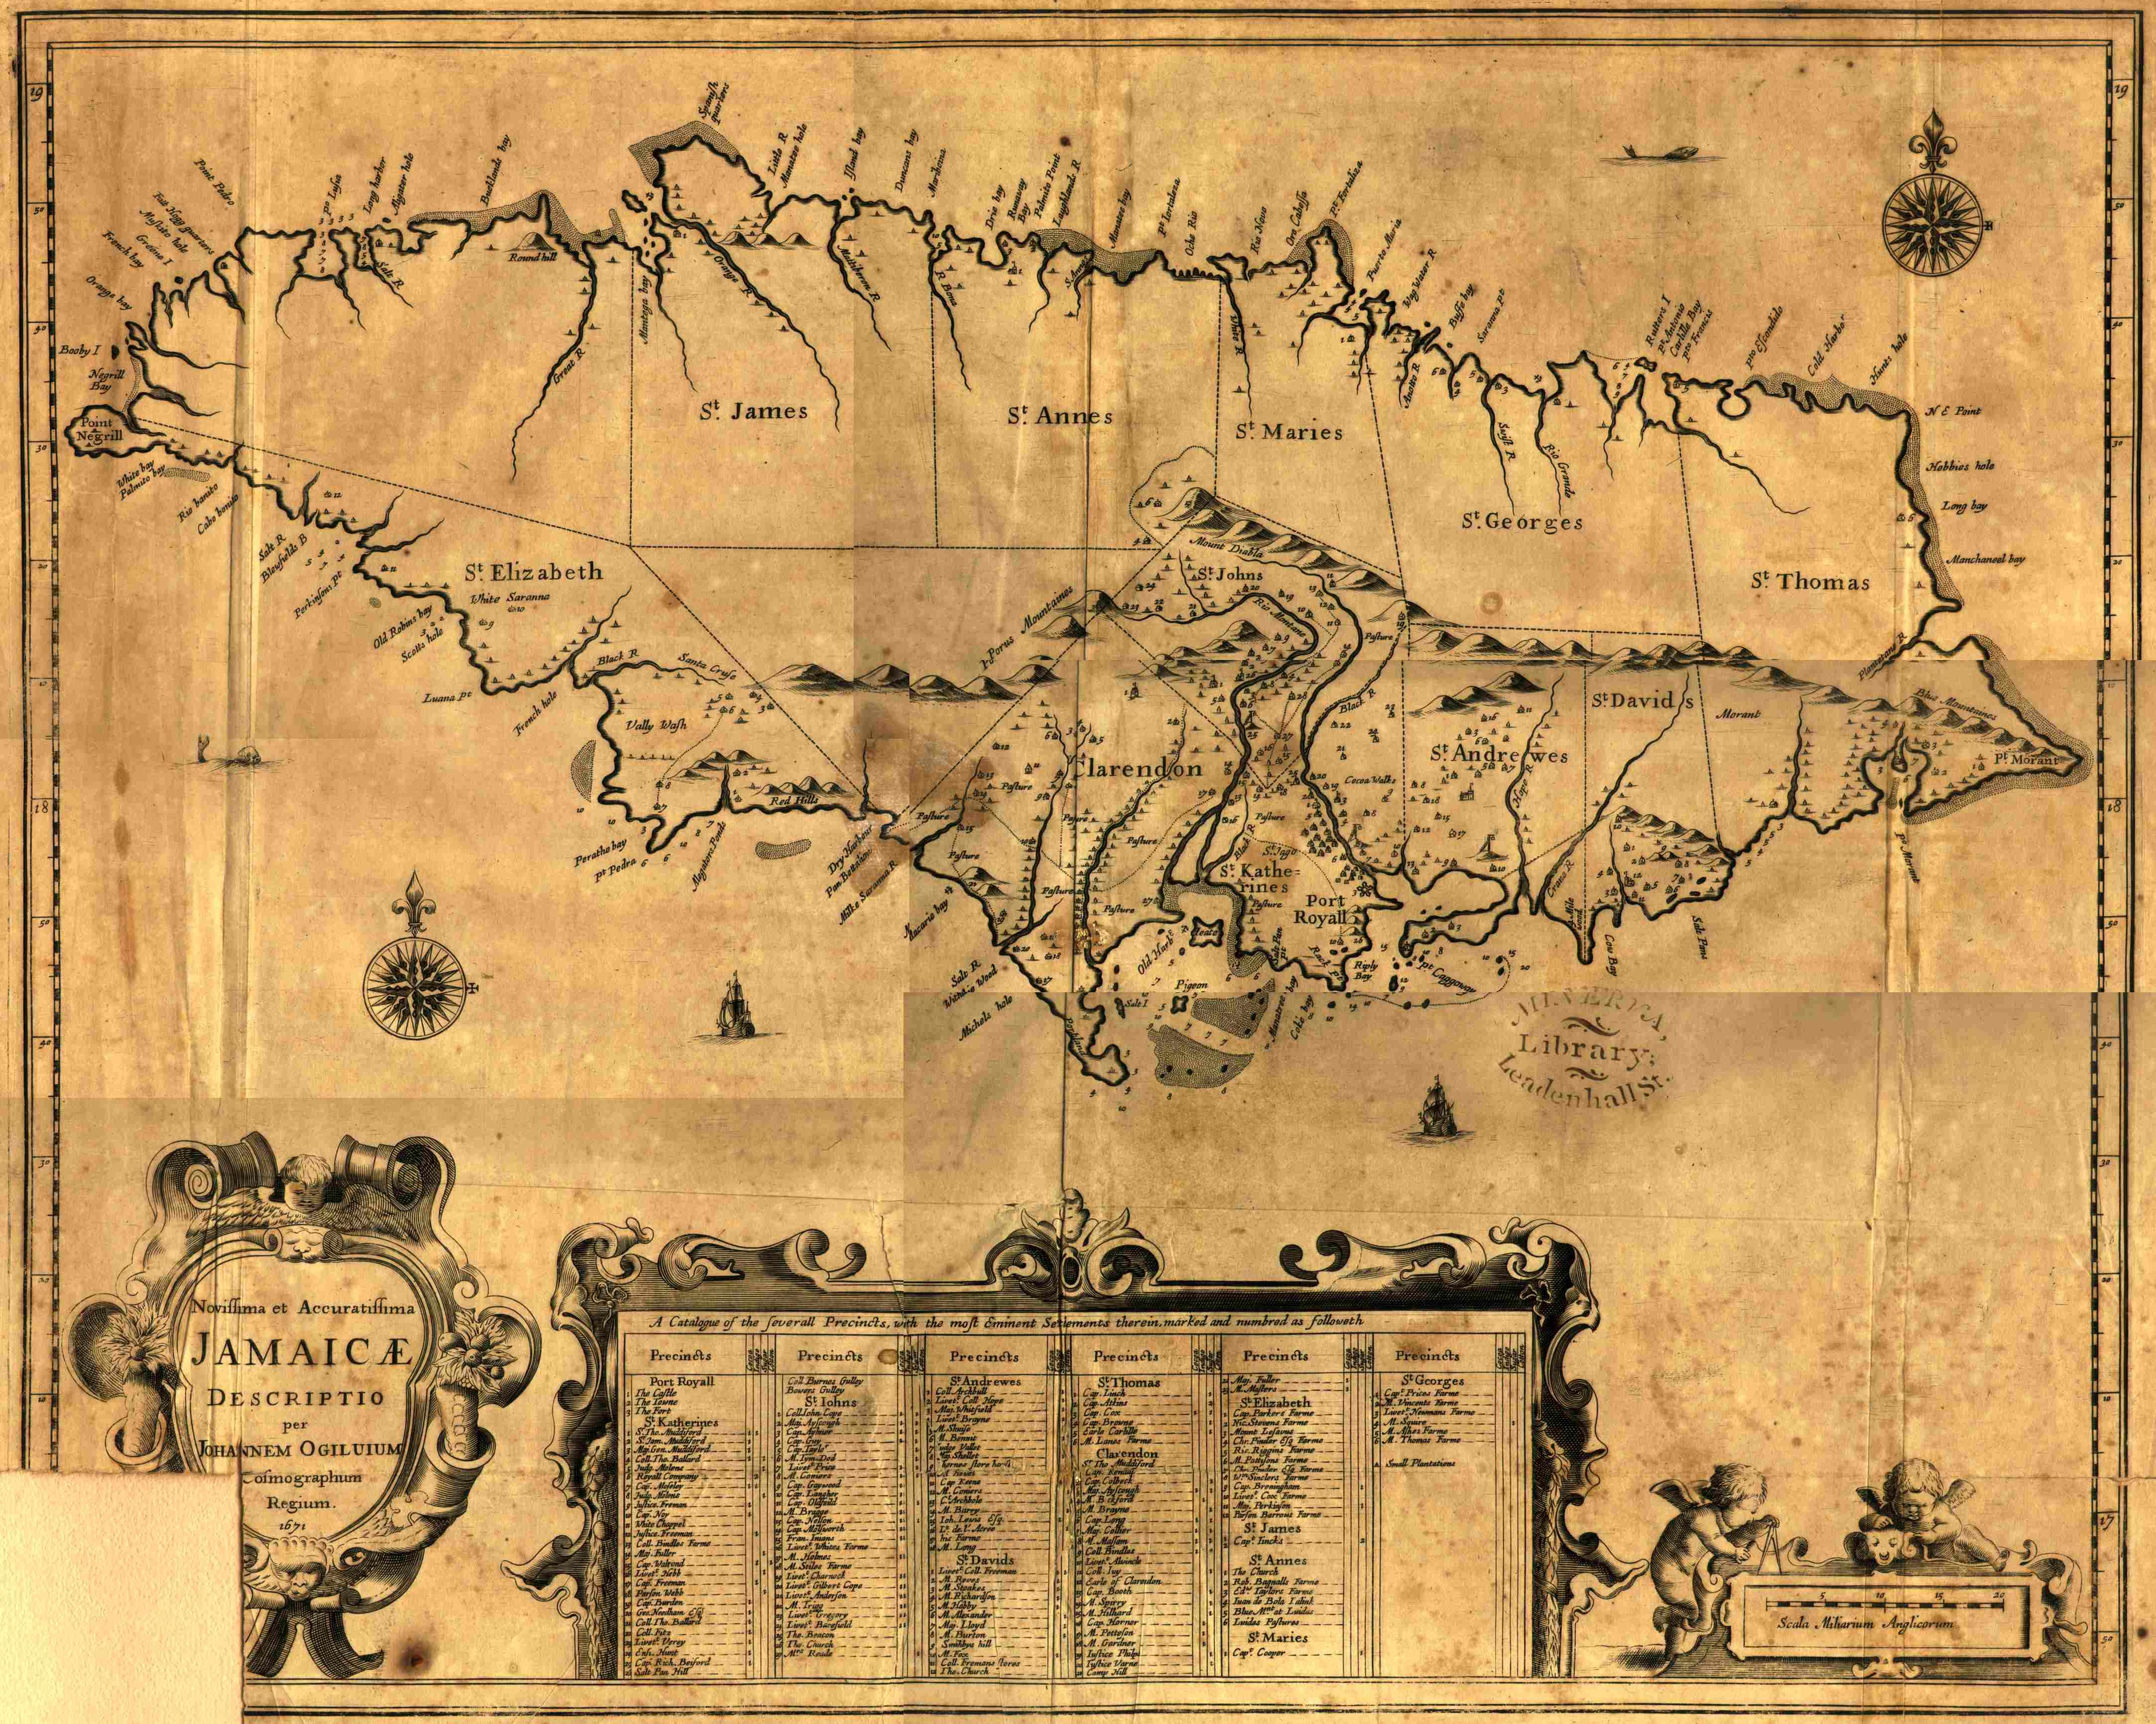 Jamaica1671ogilby